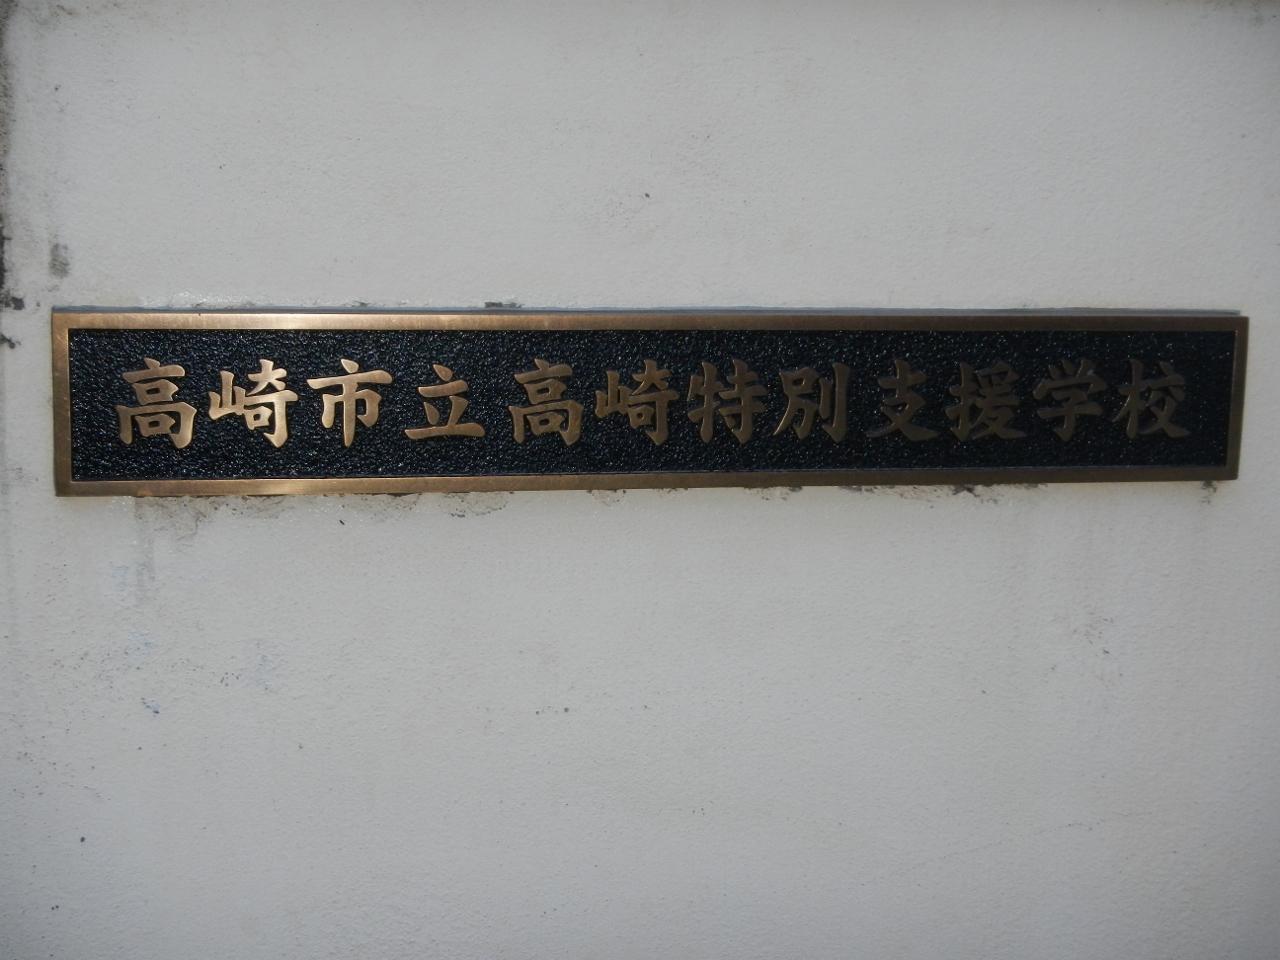 DSCN0208 (1280x960)